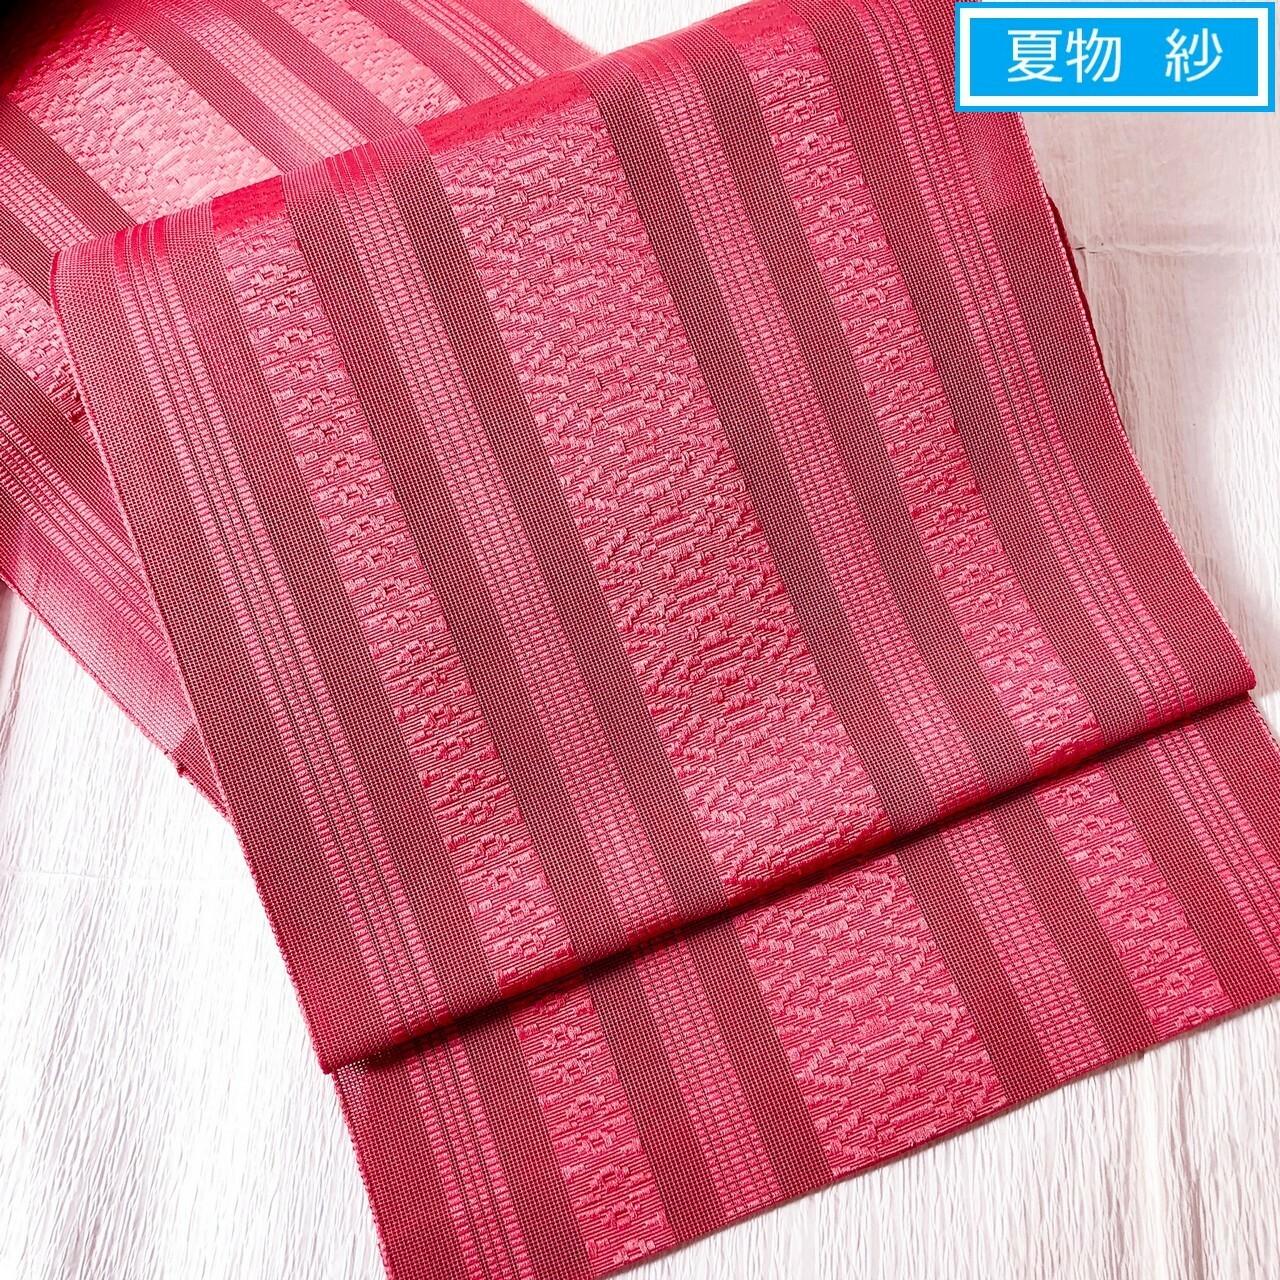 【夏の帯】使用感薄!紗 開き名古屋帯 博多献上柄 くすみモーブピンク系